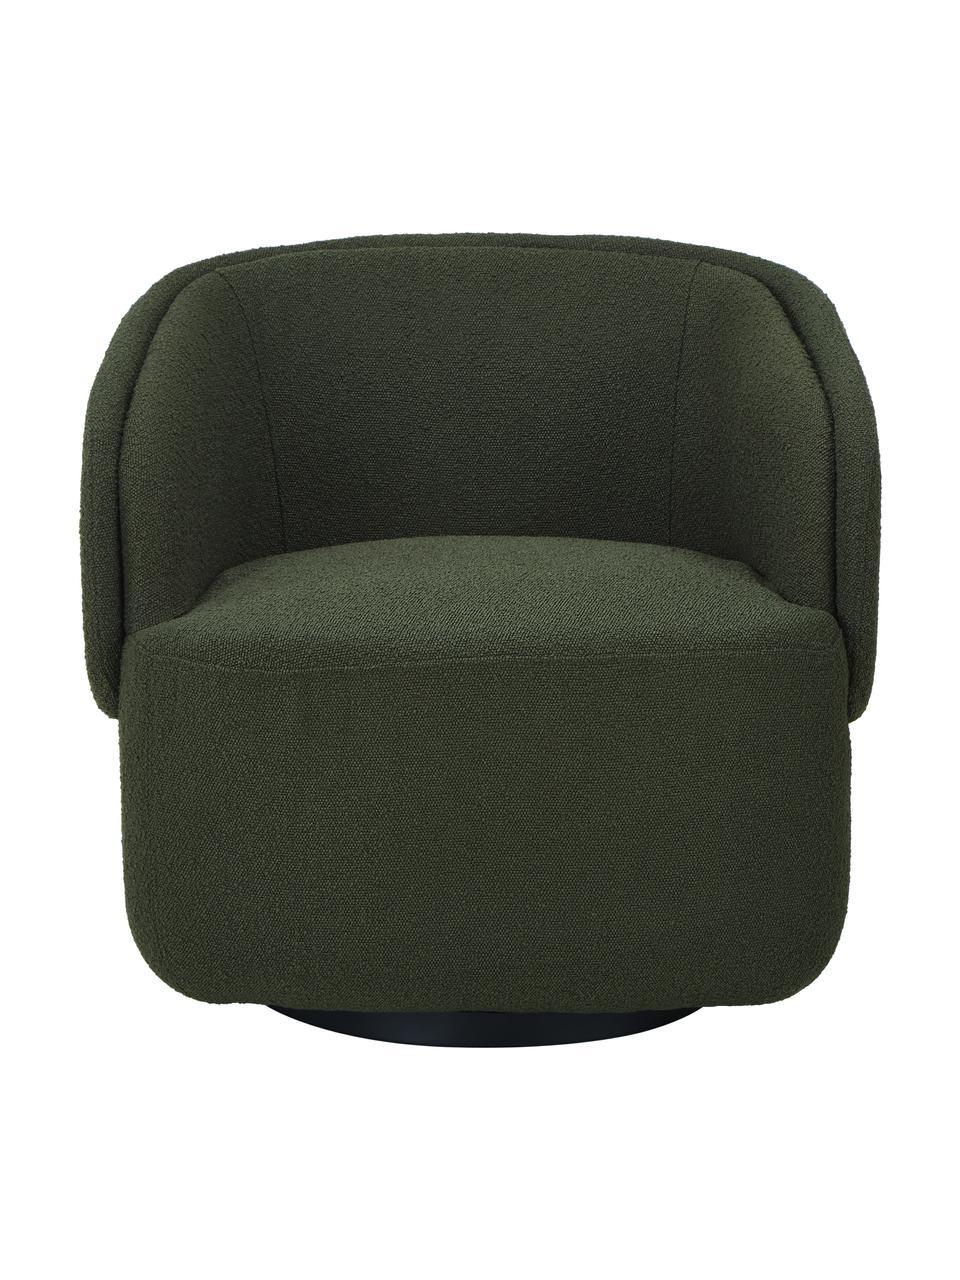 Poltrona girevole in bouclé verde scuro Irene, Struttura: metallo, Piedini: metallo verniciato a polv, Bouclé verde scuro, Larg. 74 x Alt. 70 cm